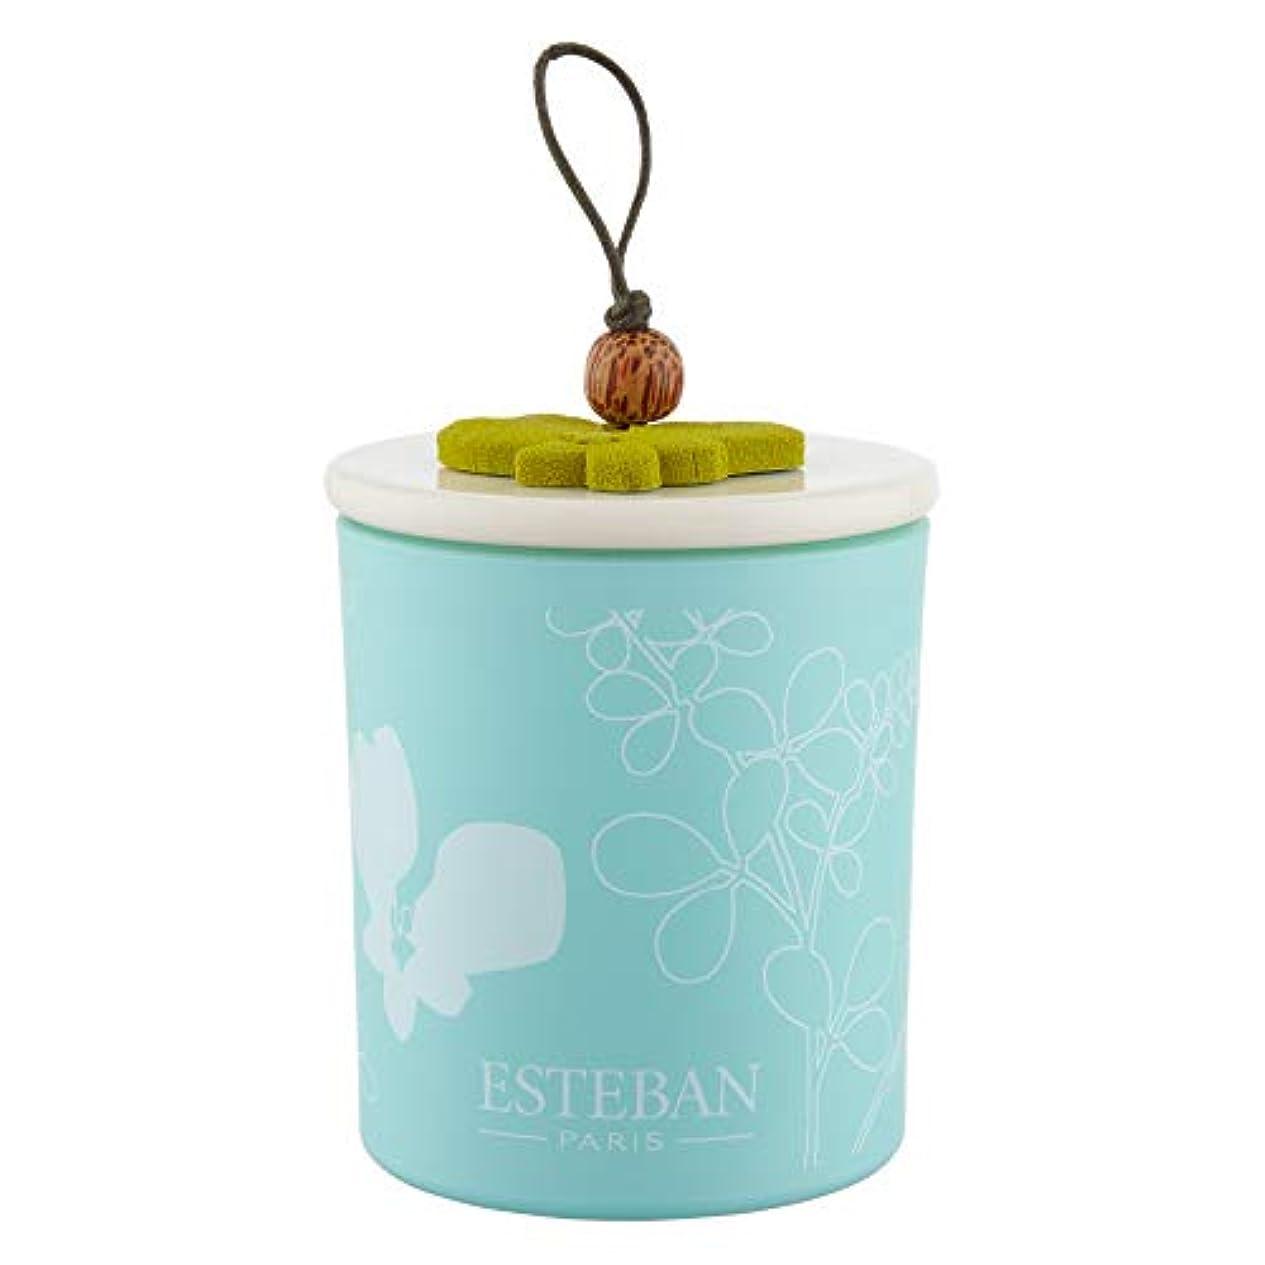 抑圧者兵隊マカダム[Esteban ] エステバンは、装飾されたキャンドル170グラムを香りOrchidee - Esteban Orchid?e Scented Decorated Candle 170g [並行輸入品]